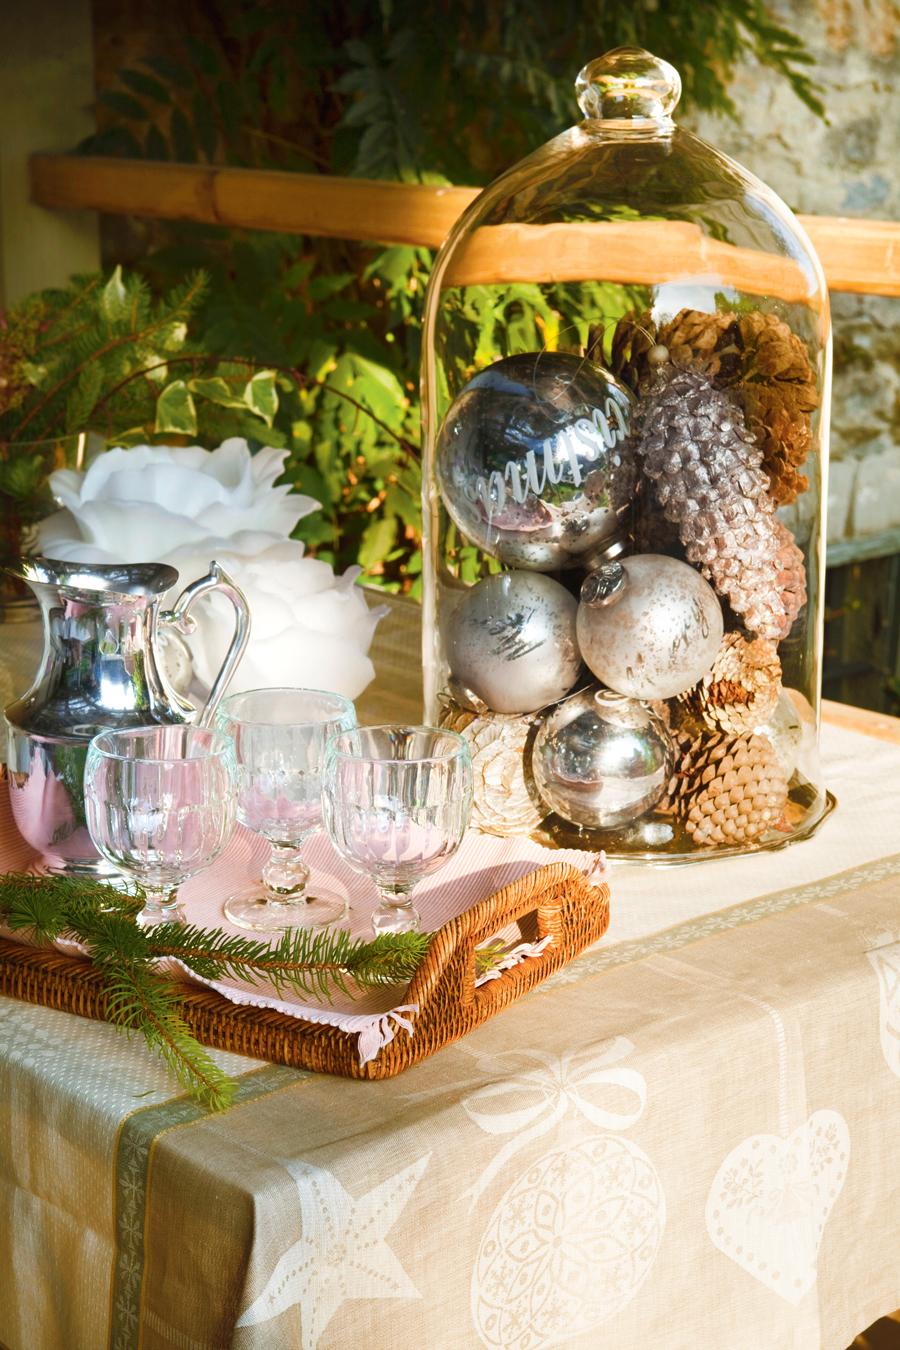 00331022. Mesa con campana de cristal con bolas de Navidad y piñas, bandeja de fibras con juego de café (331022)